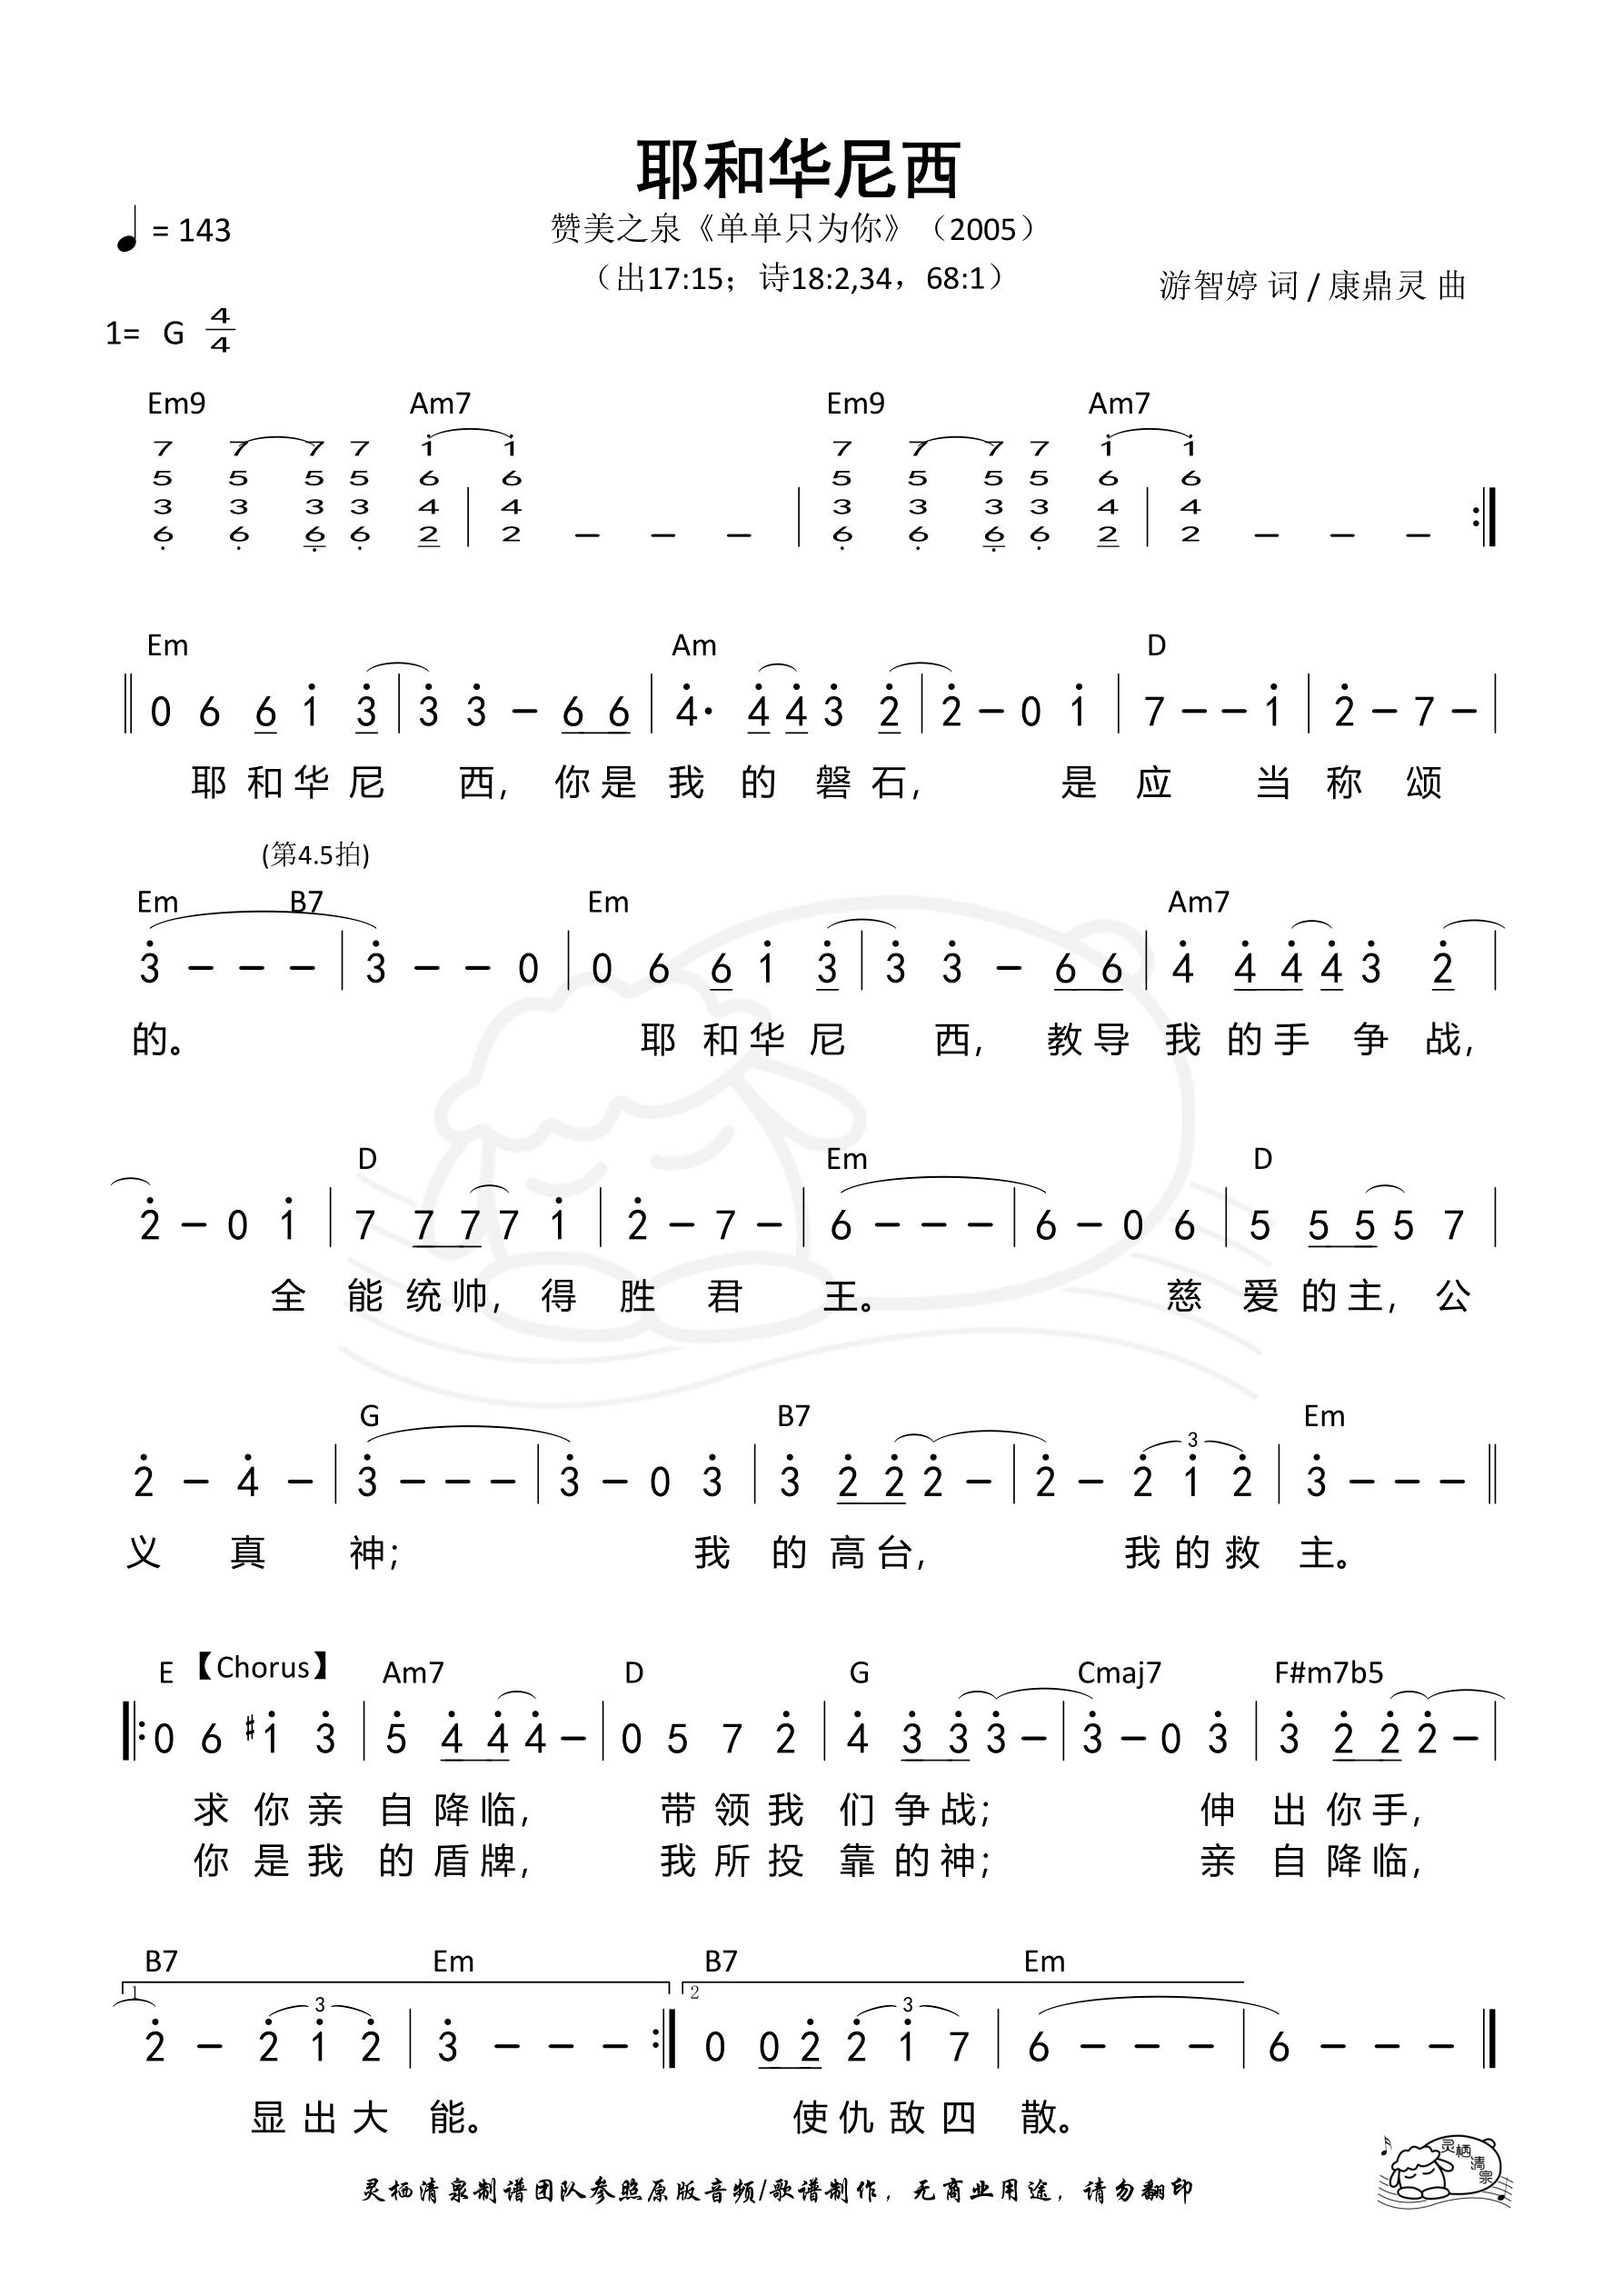 《第141首 - 耶和华尼西 和弦简谱》